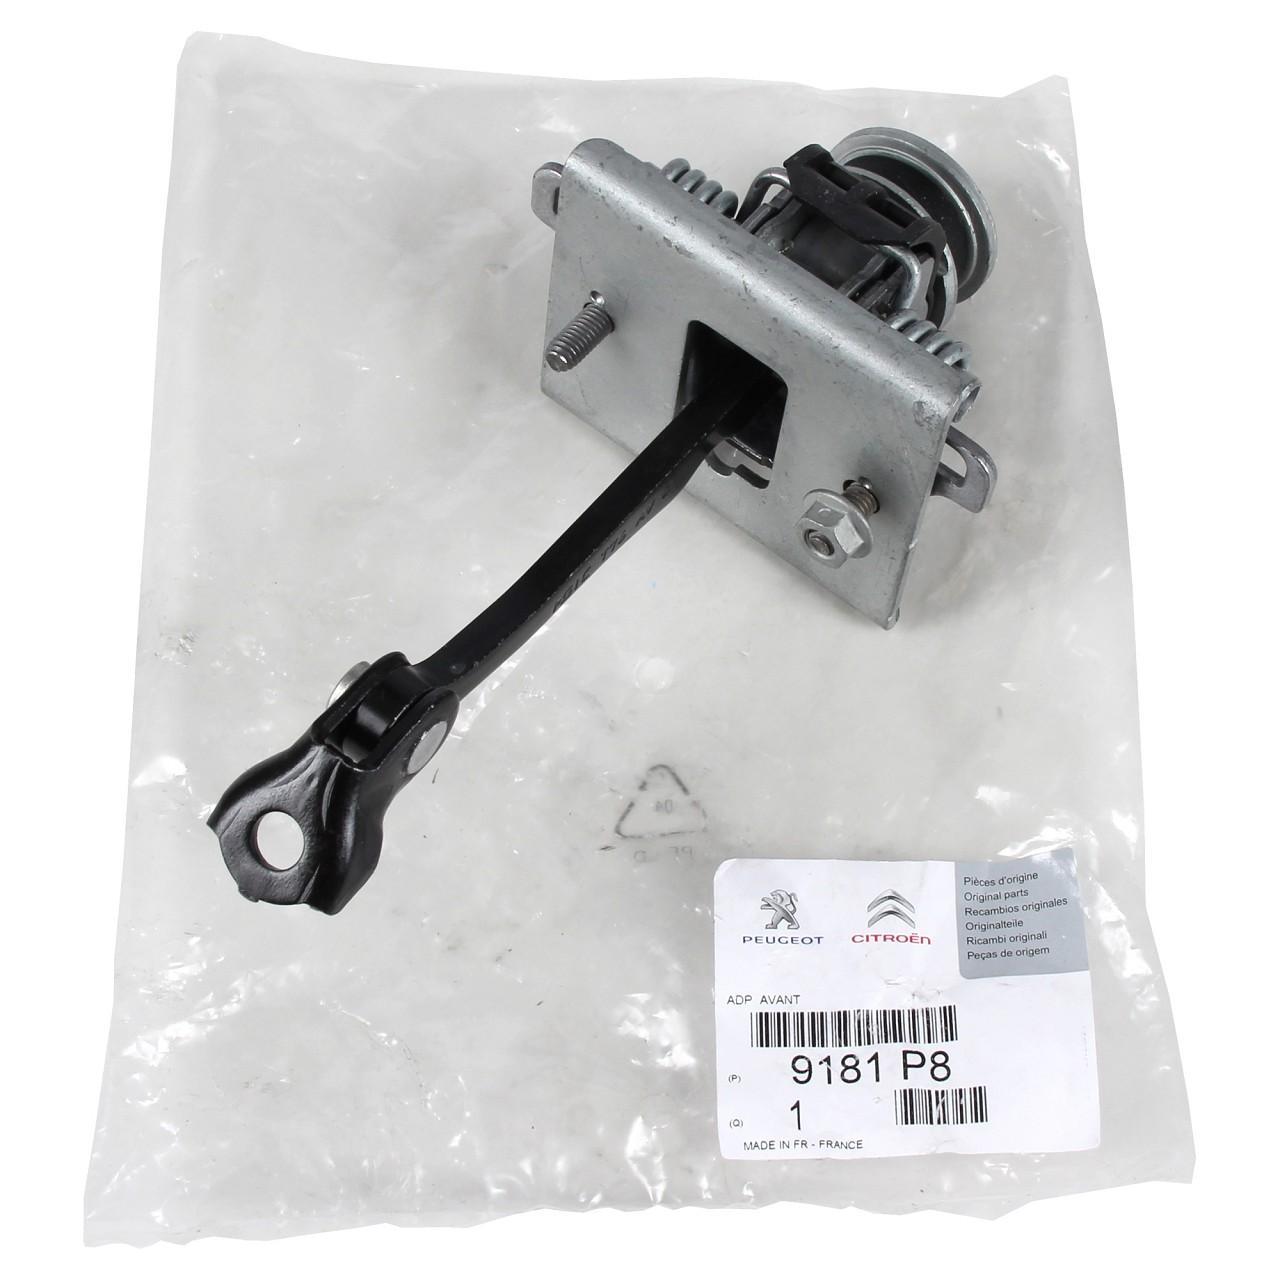 ORIGINAL Peugeot Türfeststeller Türhalteband Türfangband 9181.P8 für 308 CC